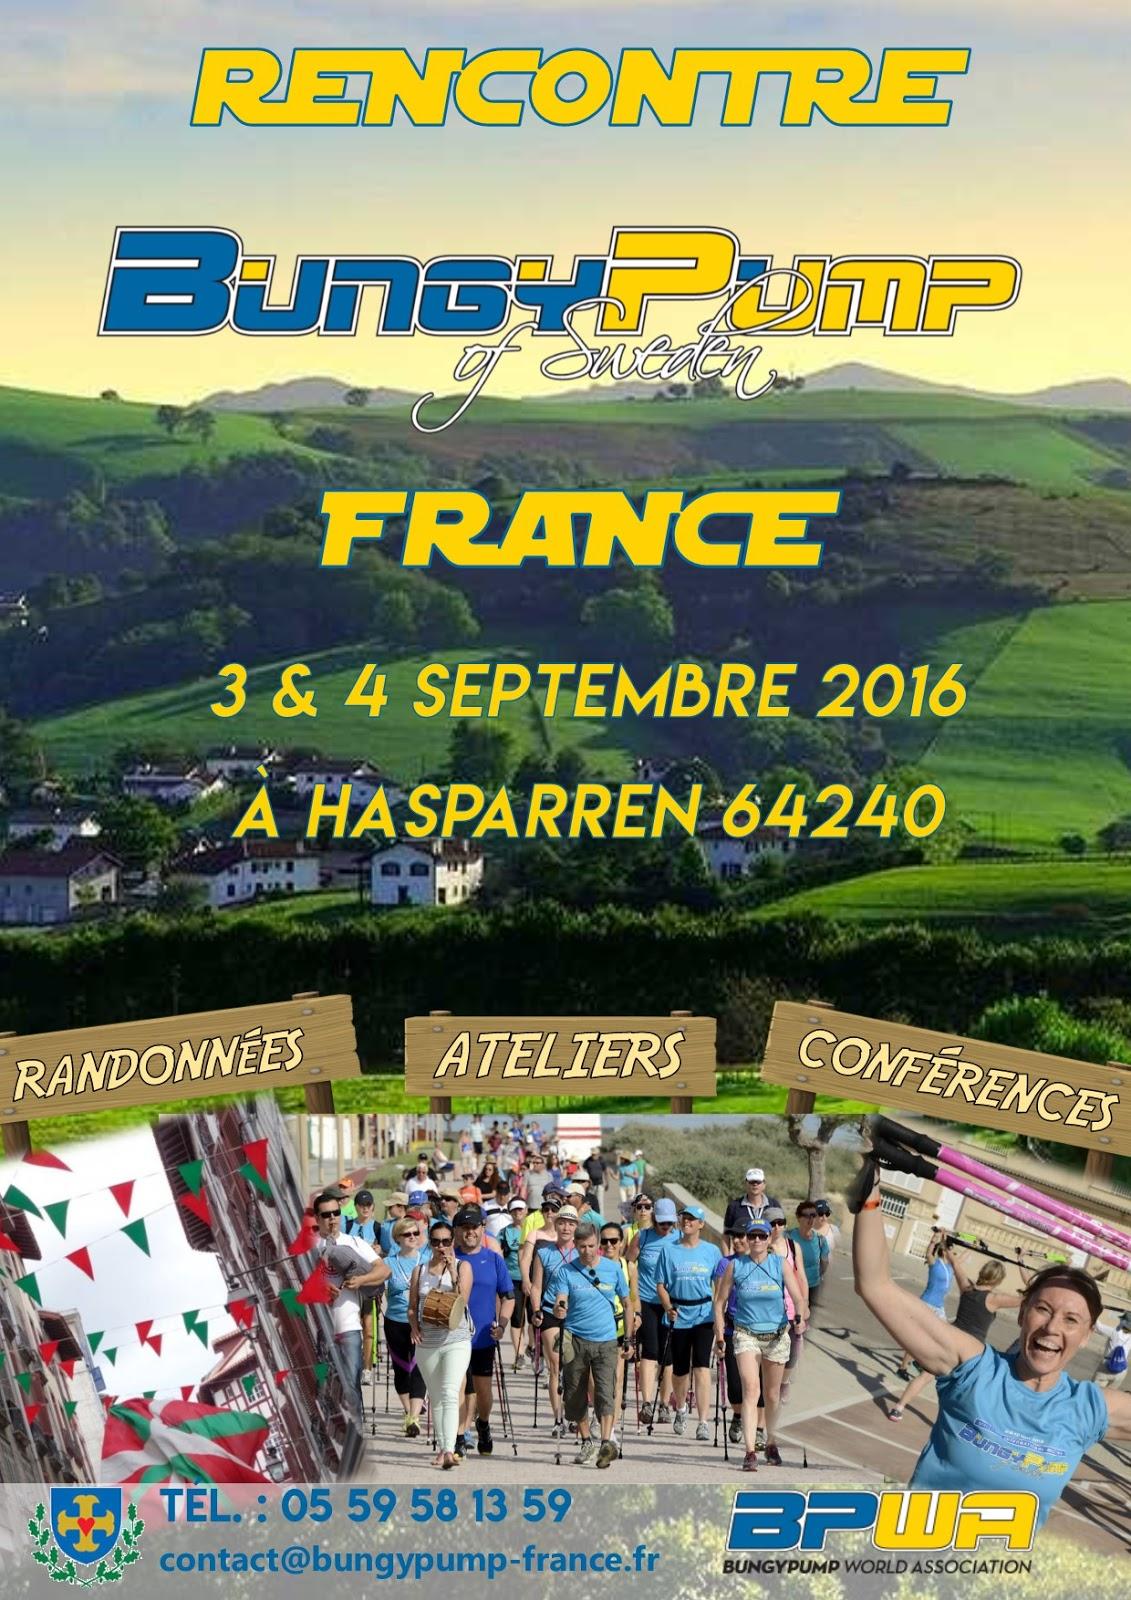 www bungypump france fr